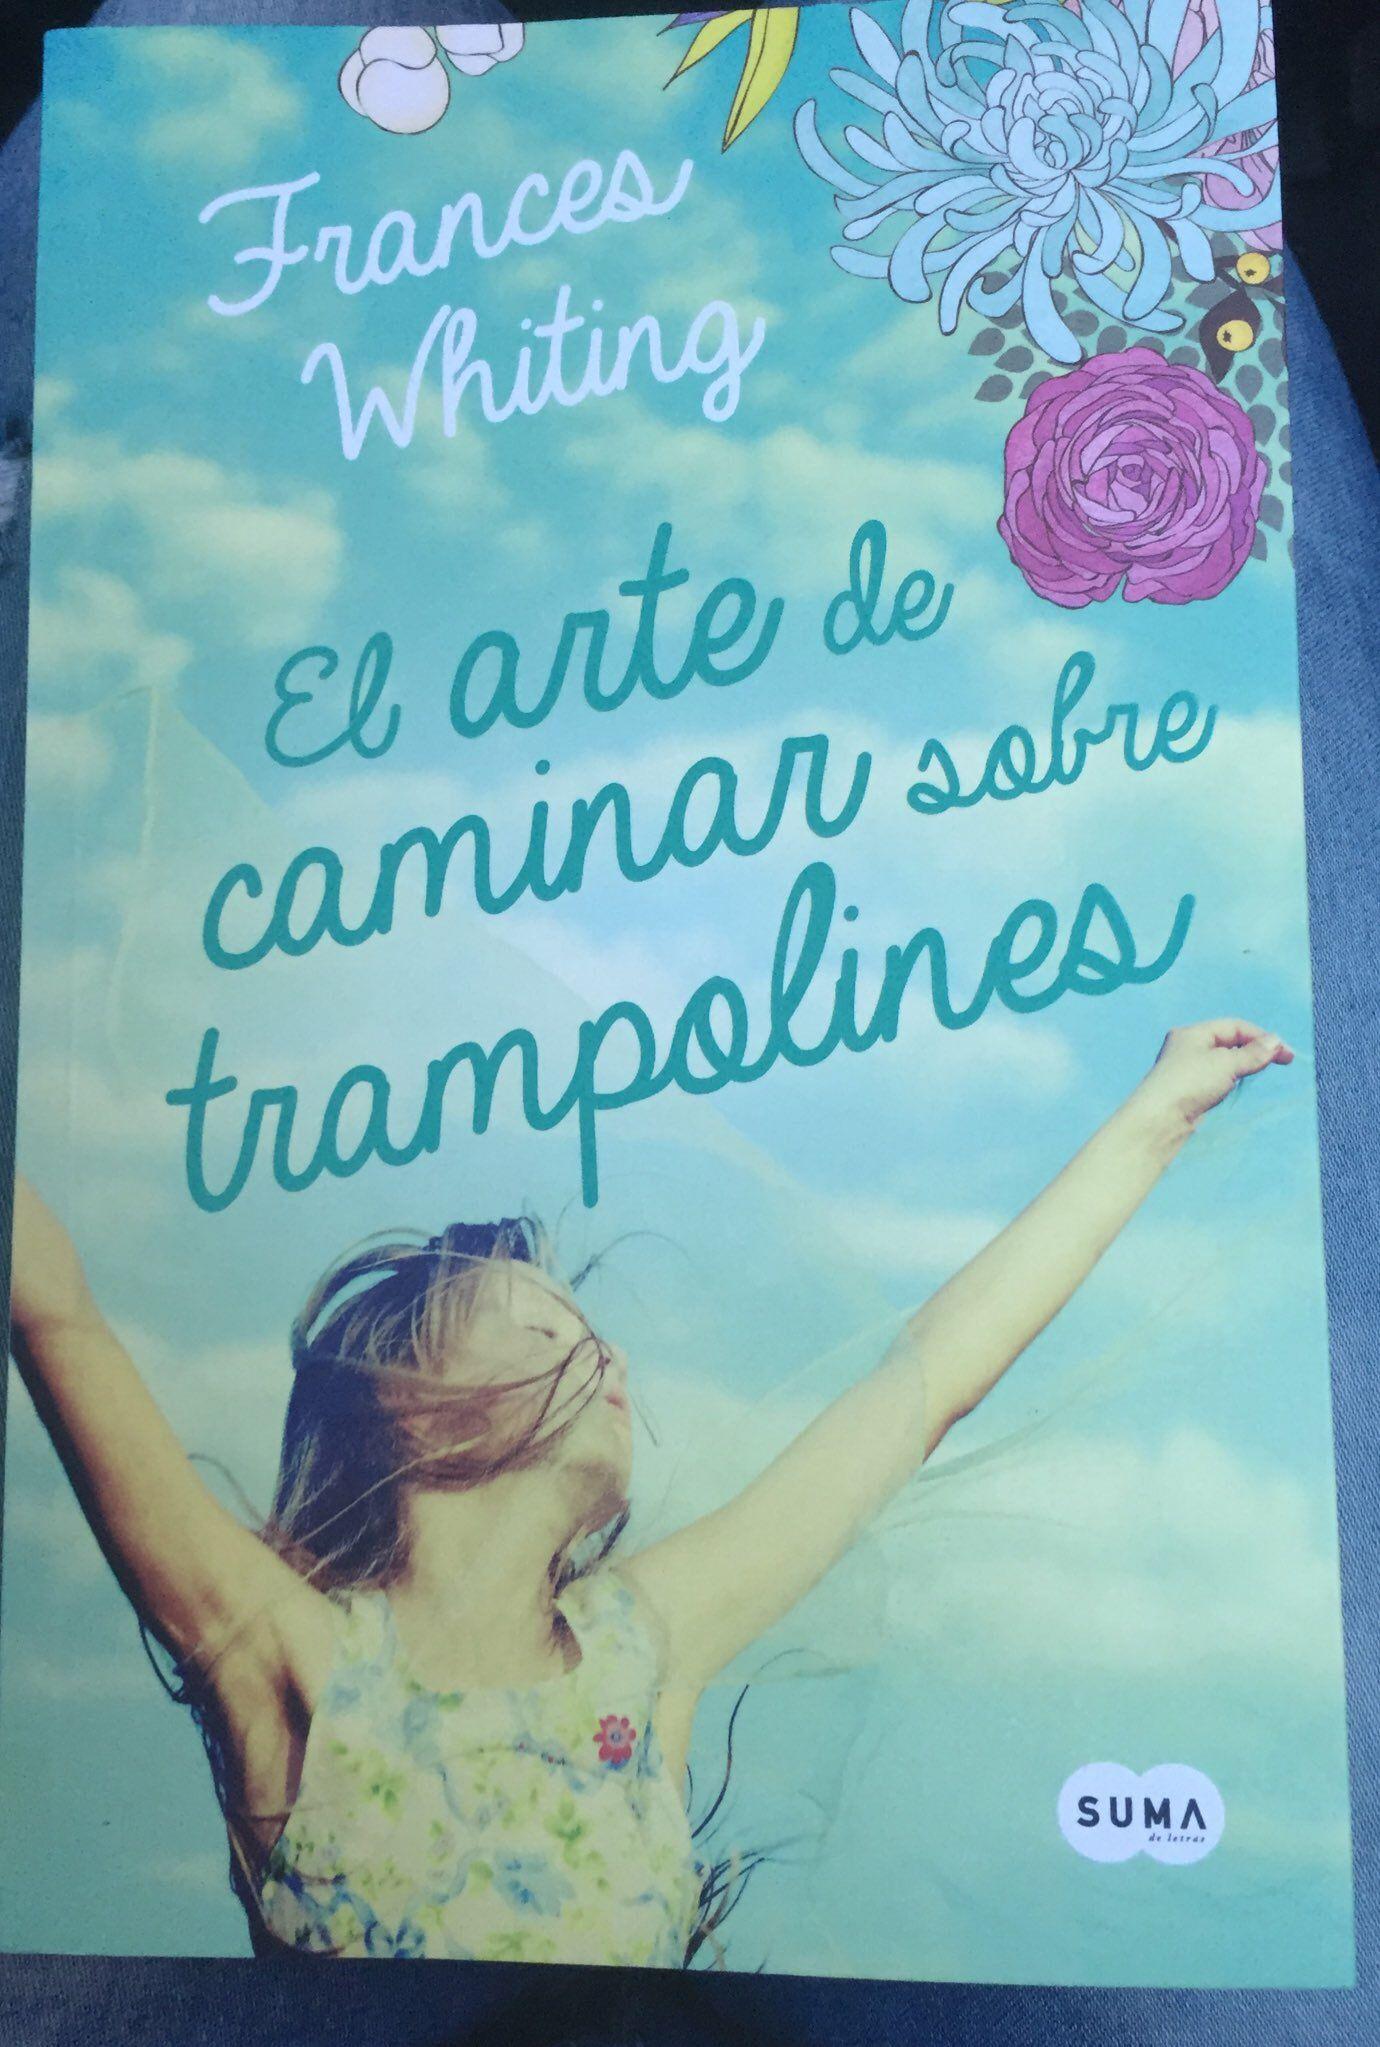 El Arte De Caminar Sobre Trampolines Frances Whiting Listas De Libros Libros De Novelas Trampolines